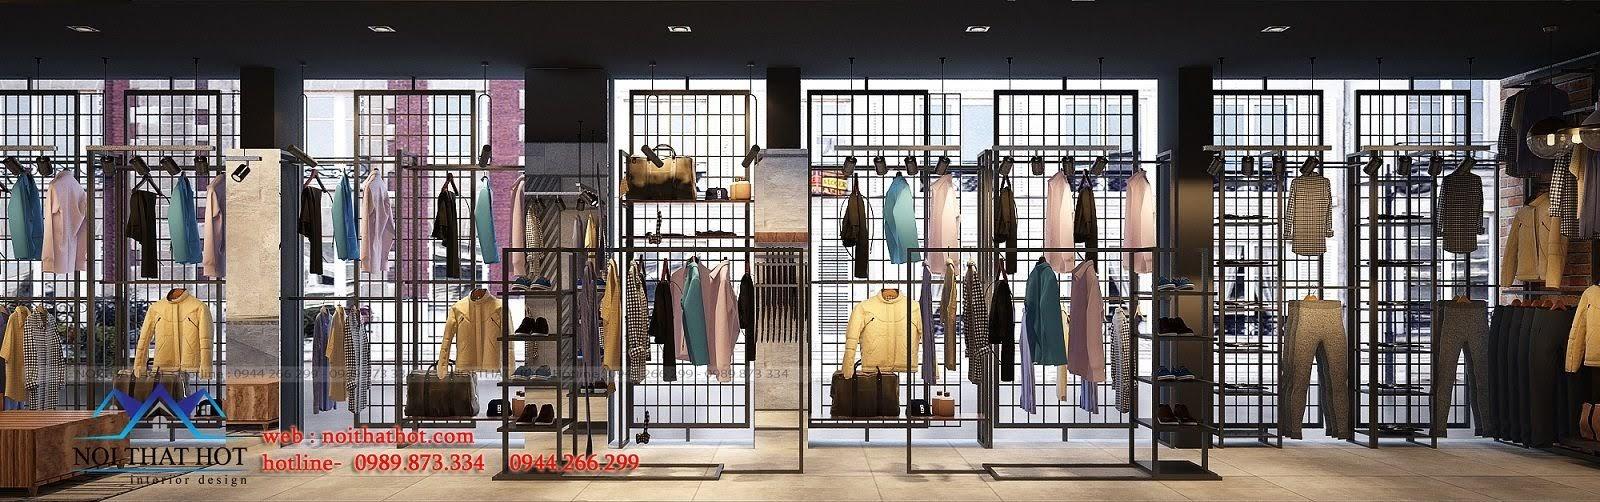 thiết kế shop thời trang nam H2T 9